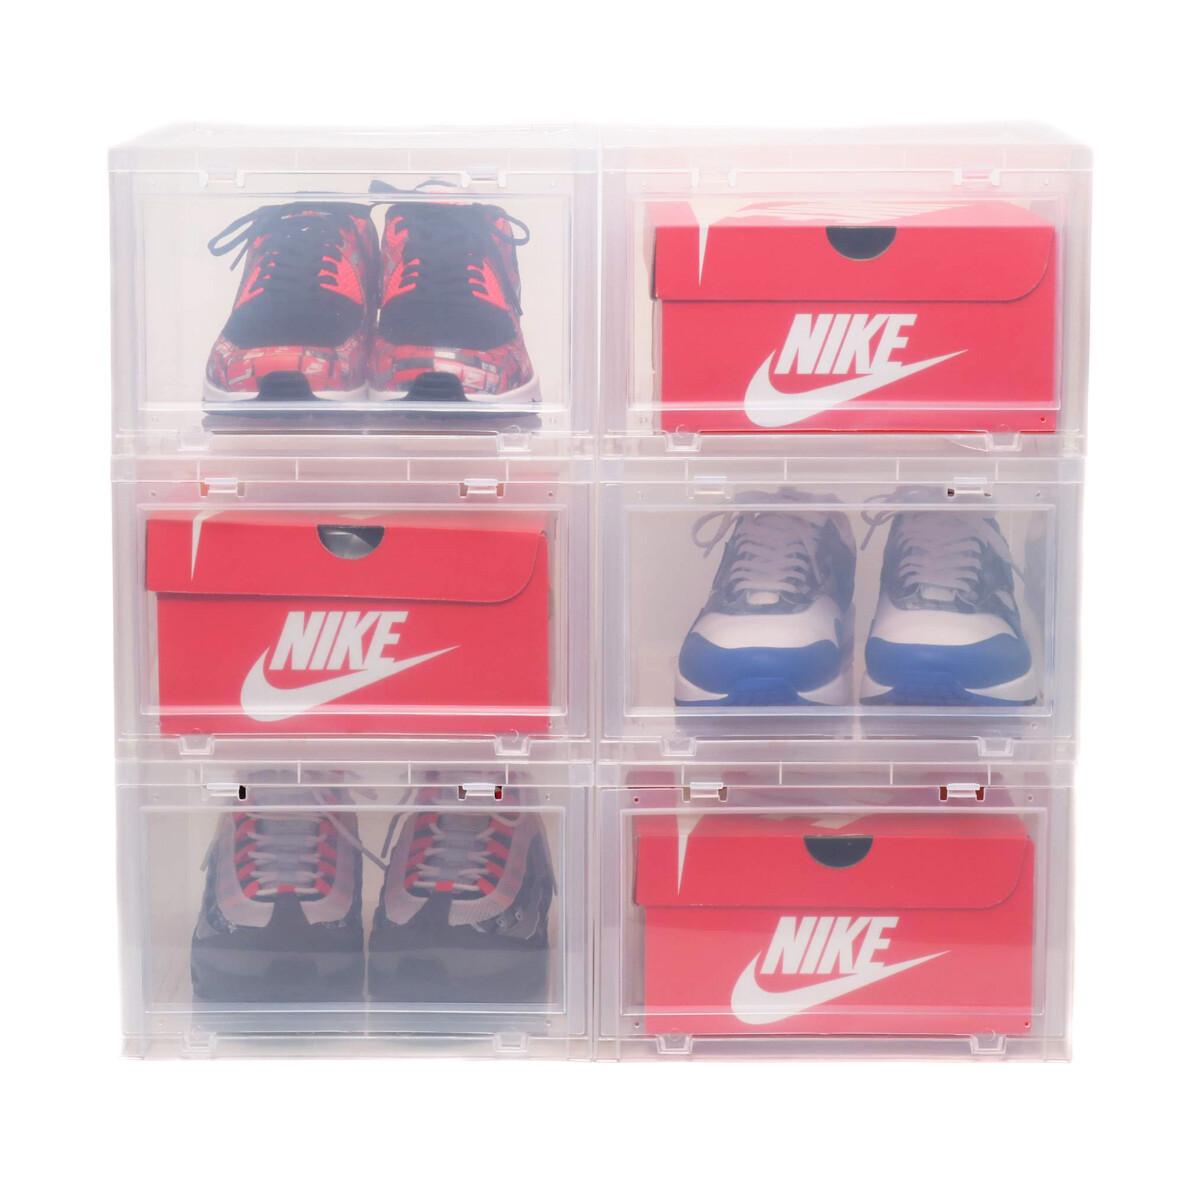 スニーカー収納ボックス